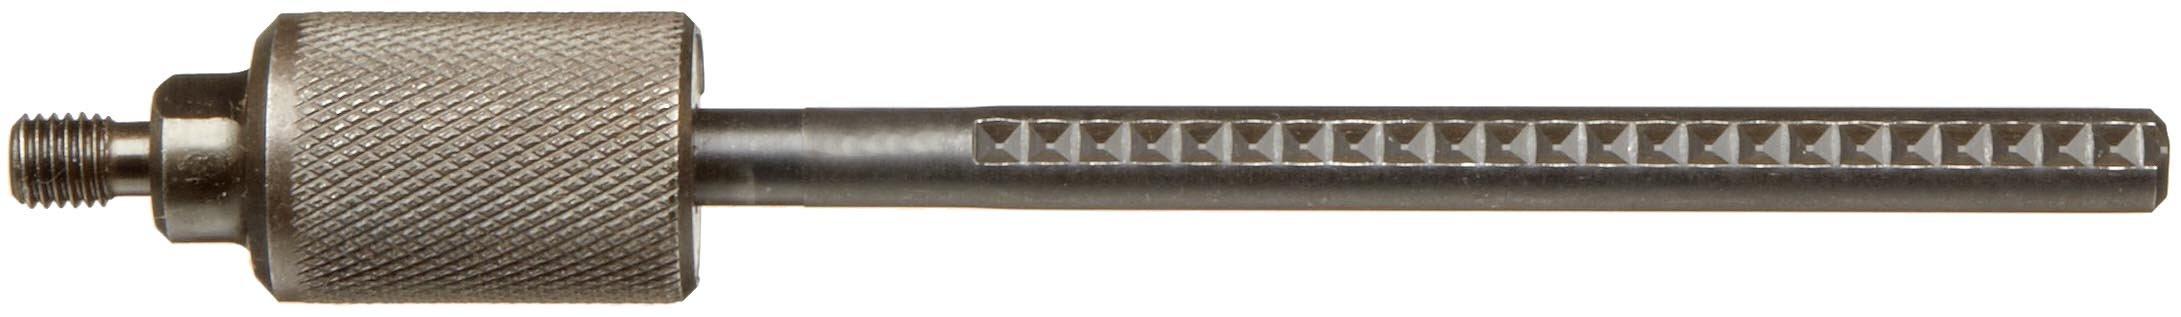 SHAVIV 29006 Ratcheting Blade Holder FR For F Style Blades